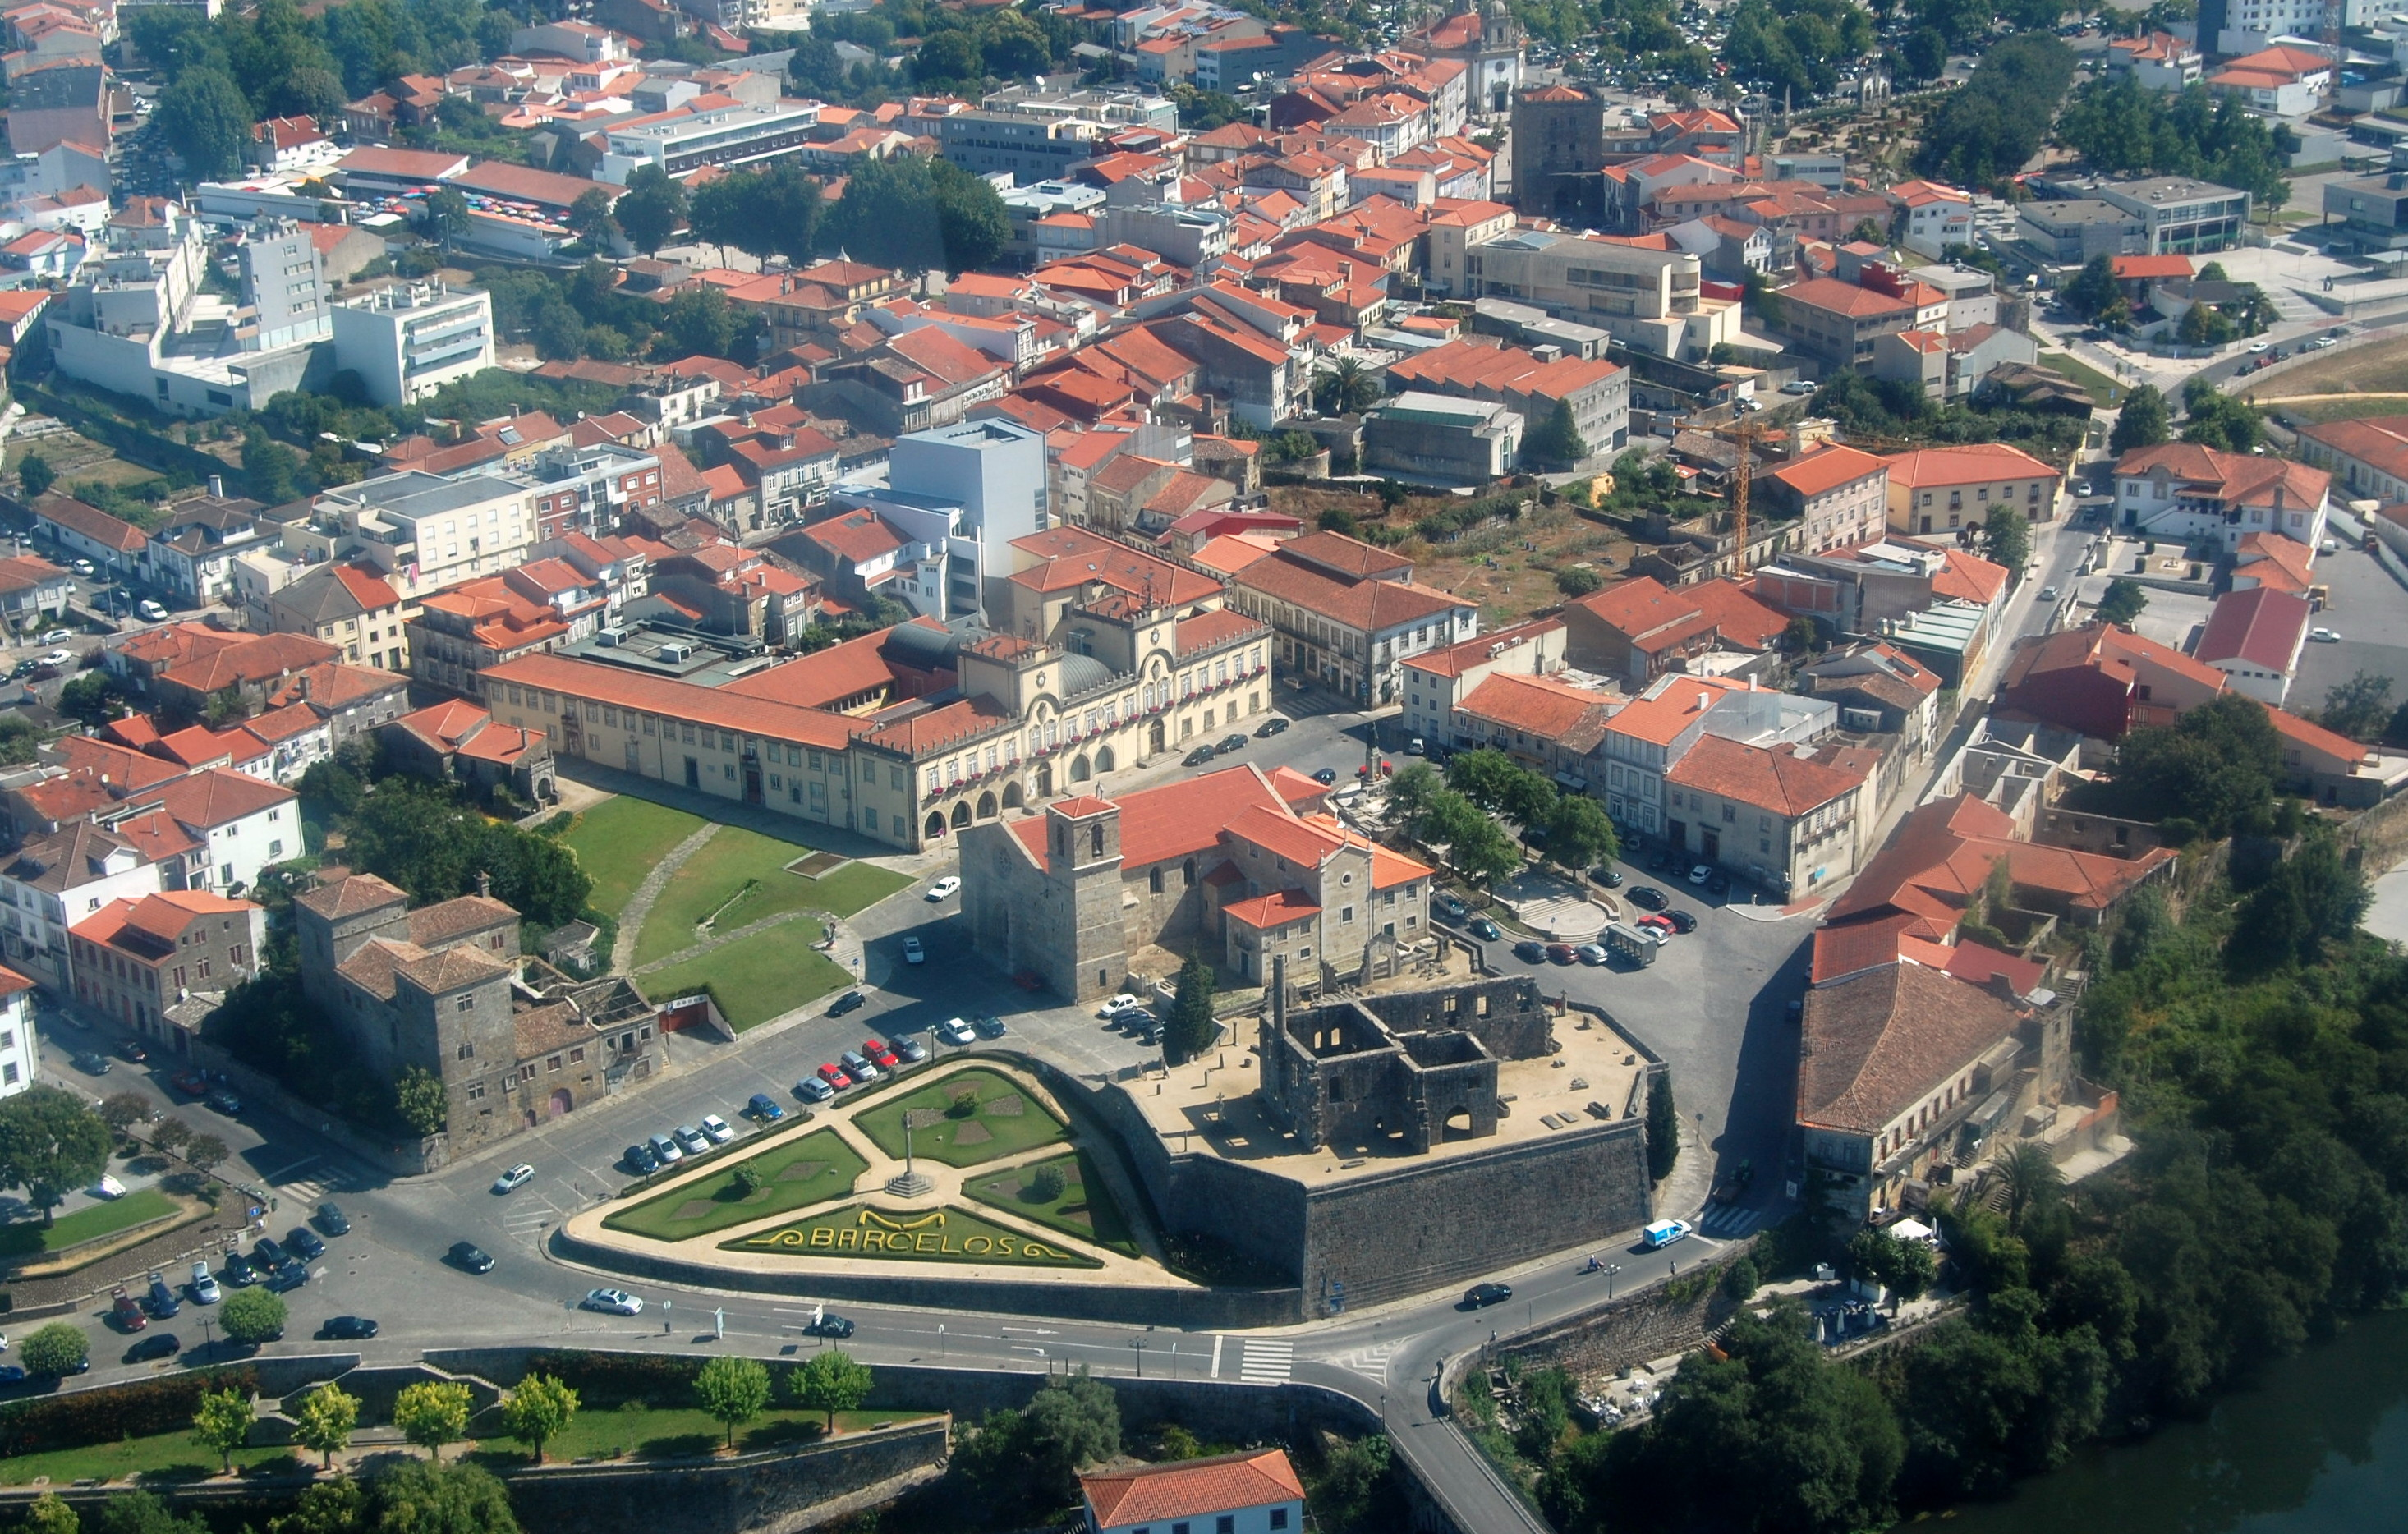 Assembleia Municipal aprova alterações à adenda ao contrato de concessão da água e saneamento e ERSAR emite último parecer